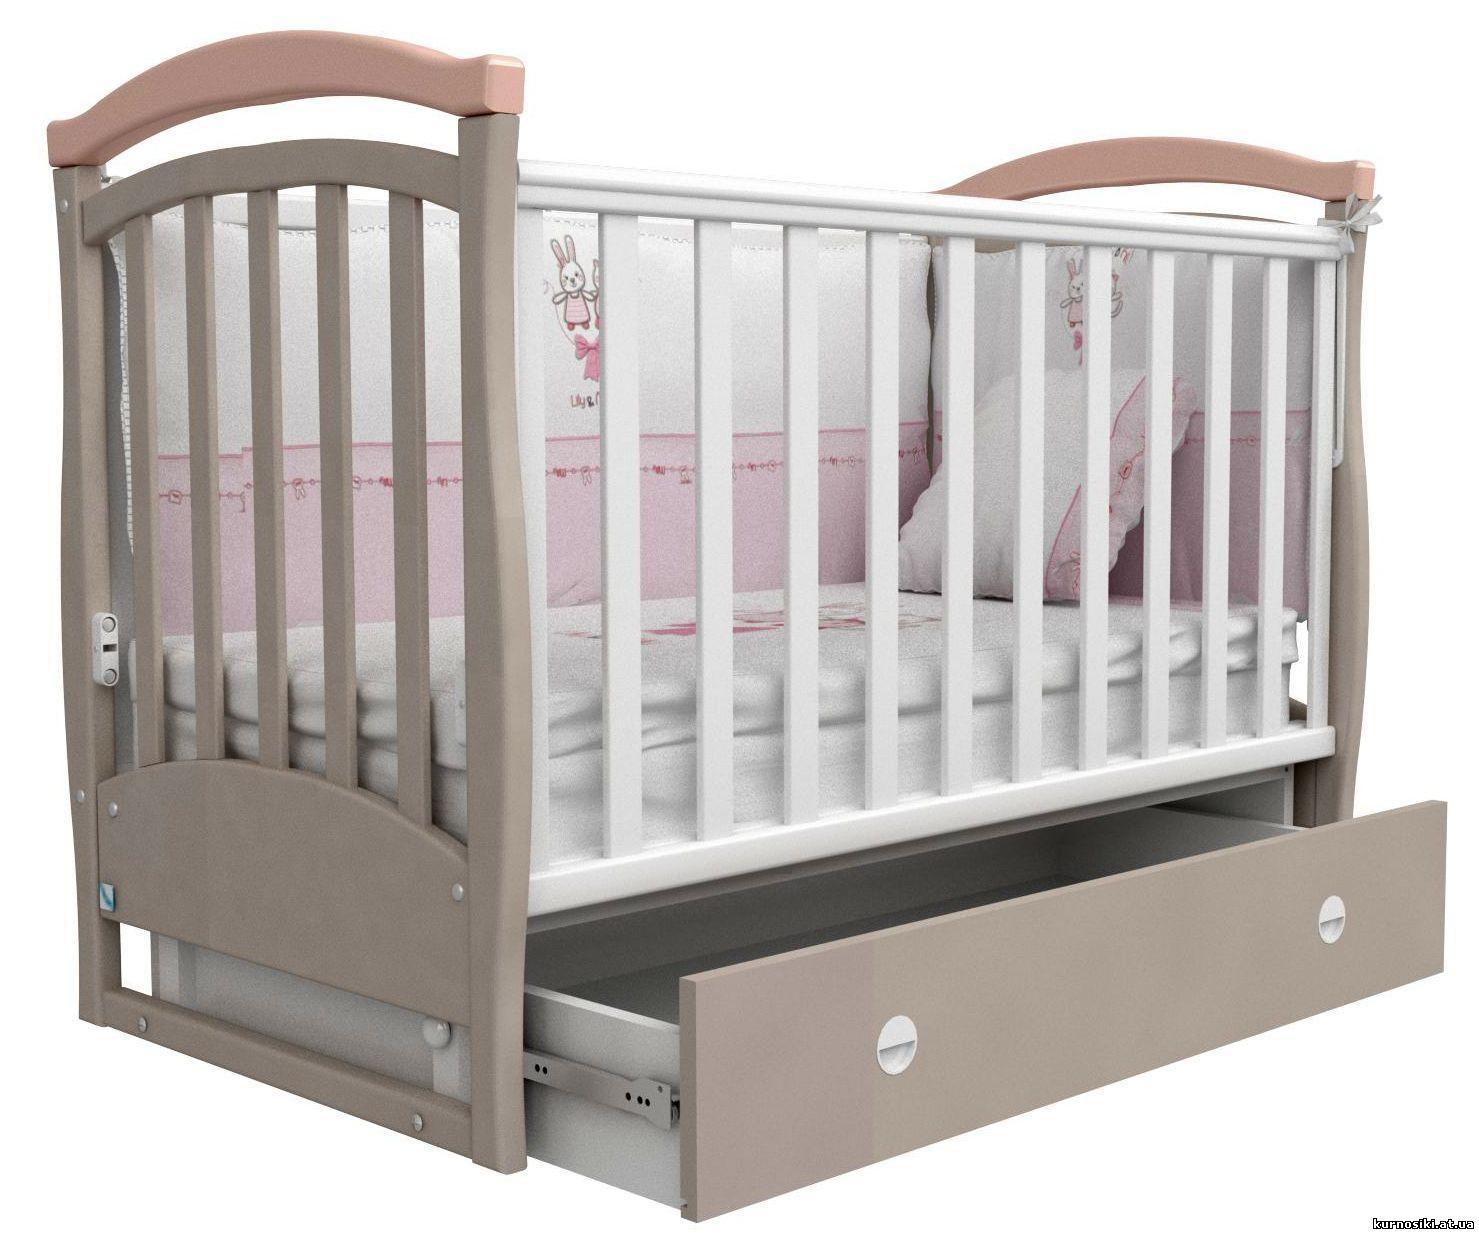 Дитяче ліжечко Верес Соня ЛД6 - новинка 2013 року від відомого виробника  диячих меблів в Україні. Це - дуже комфортна b745858c74399